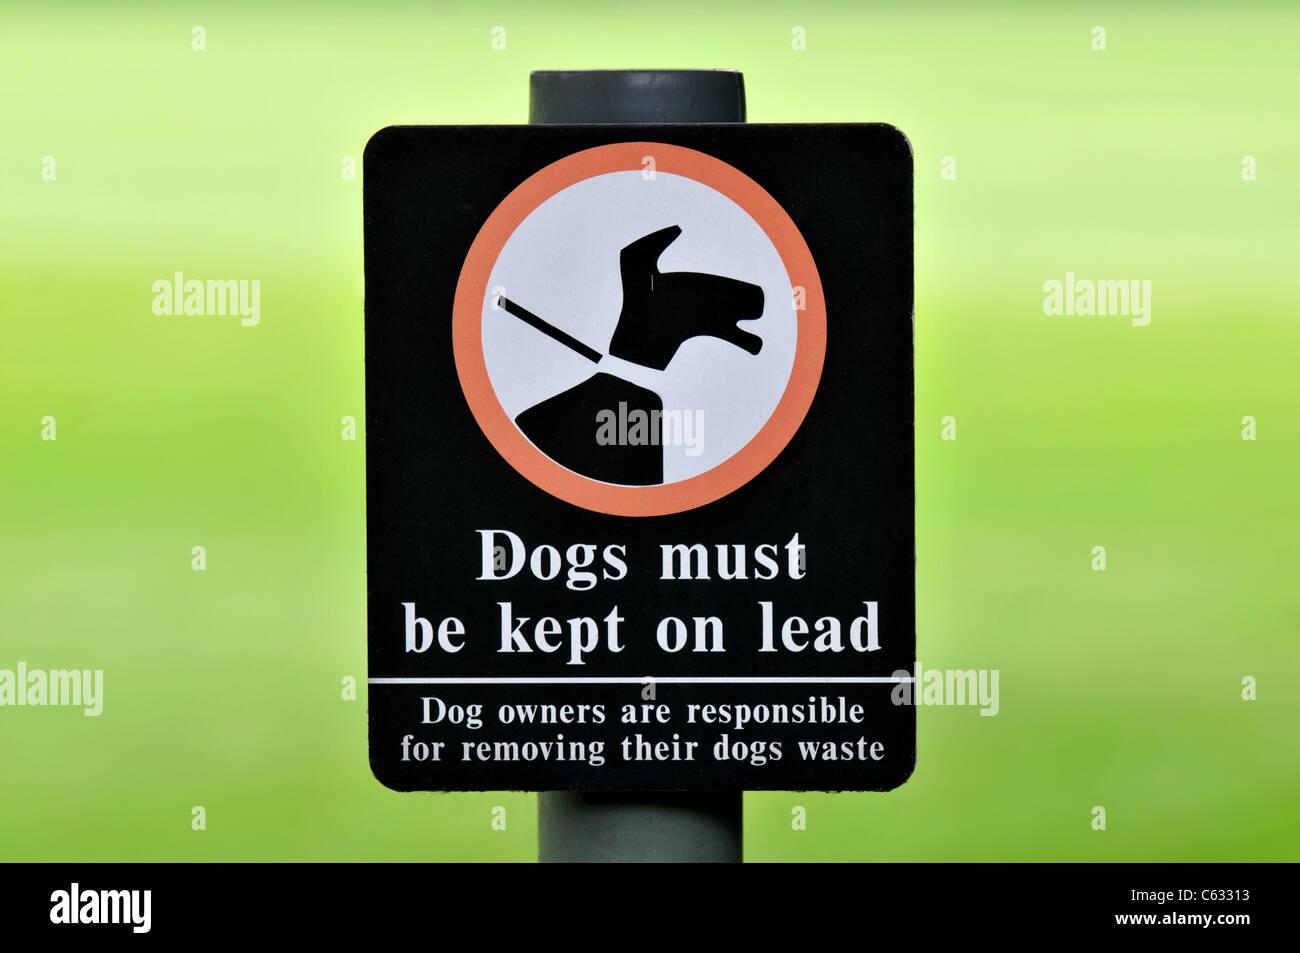 Los perros deben mantenerse en signo de plomo Imagen De Stock